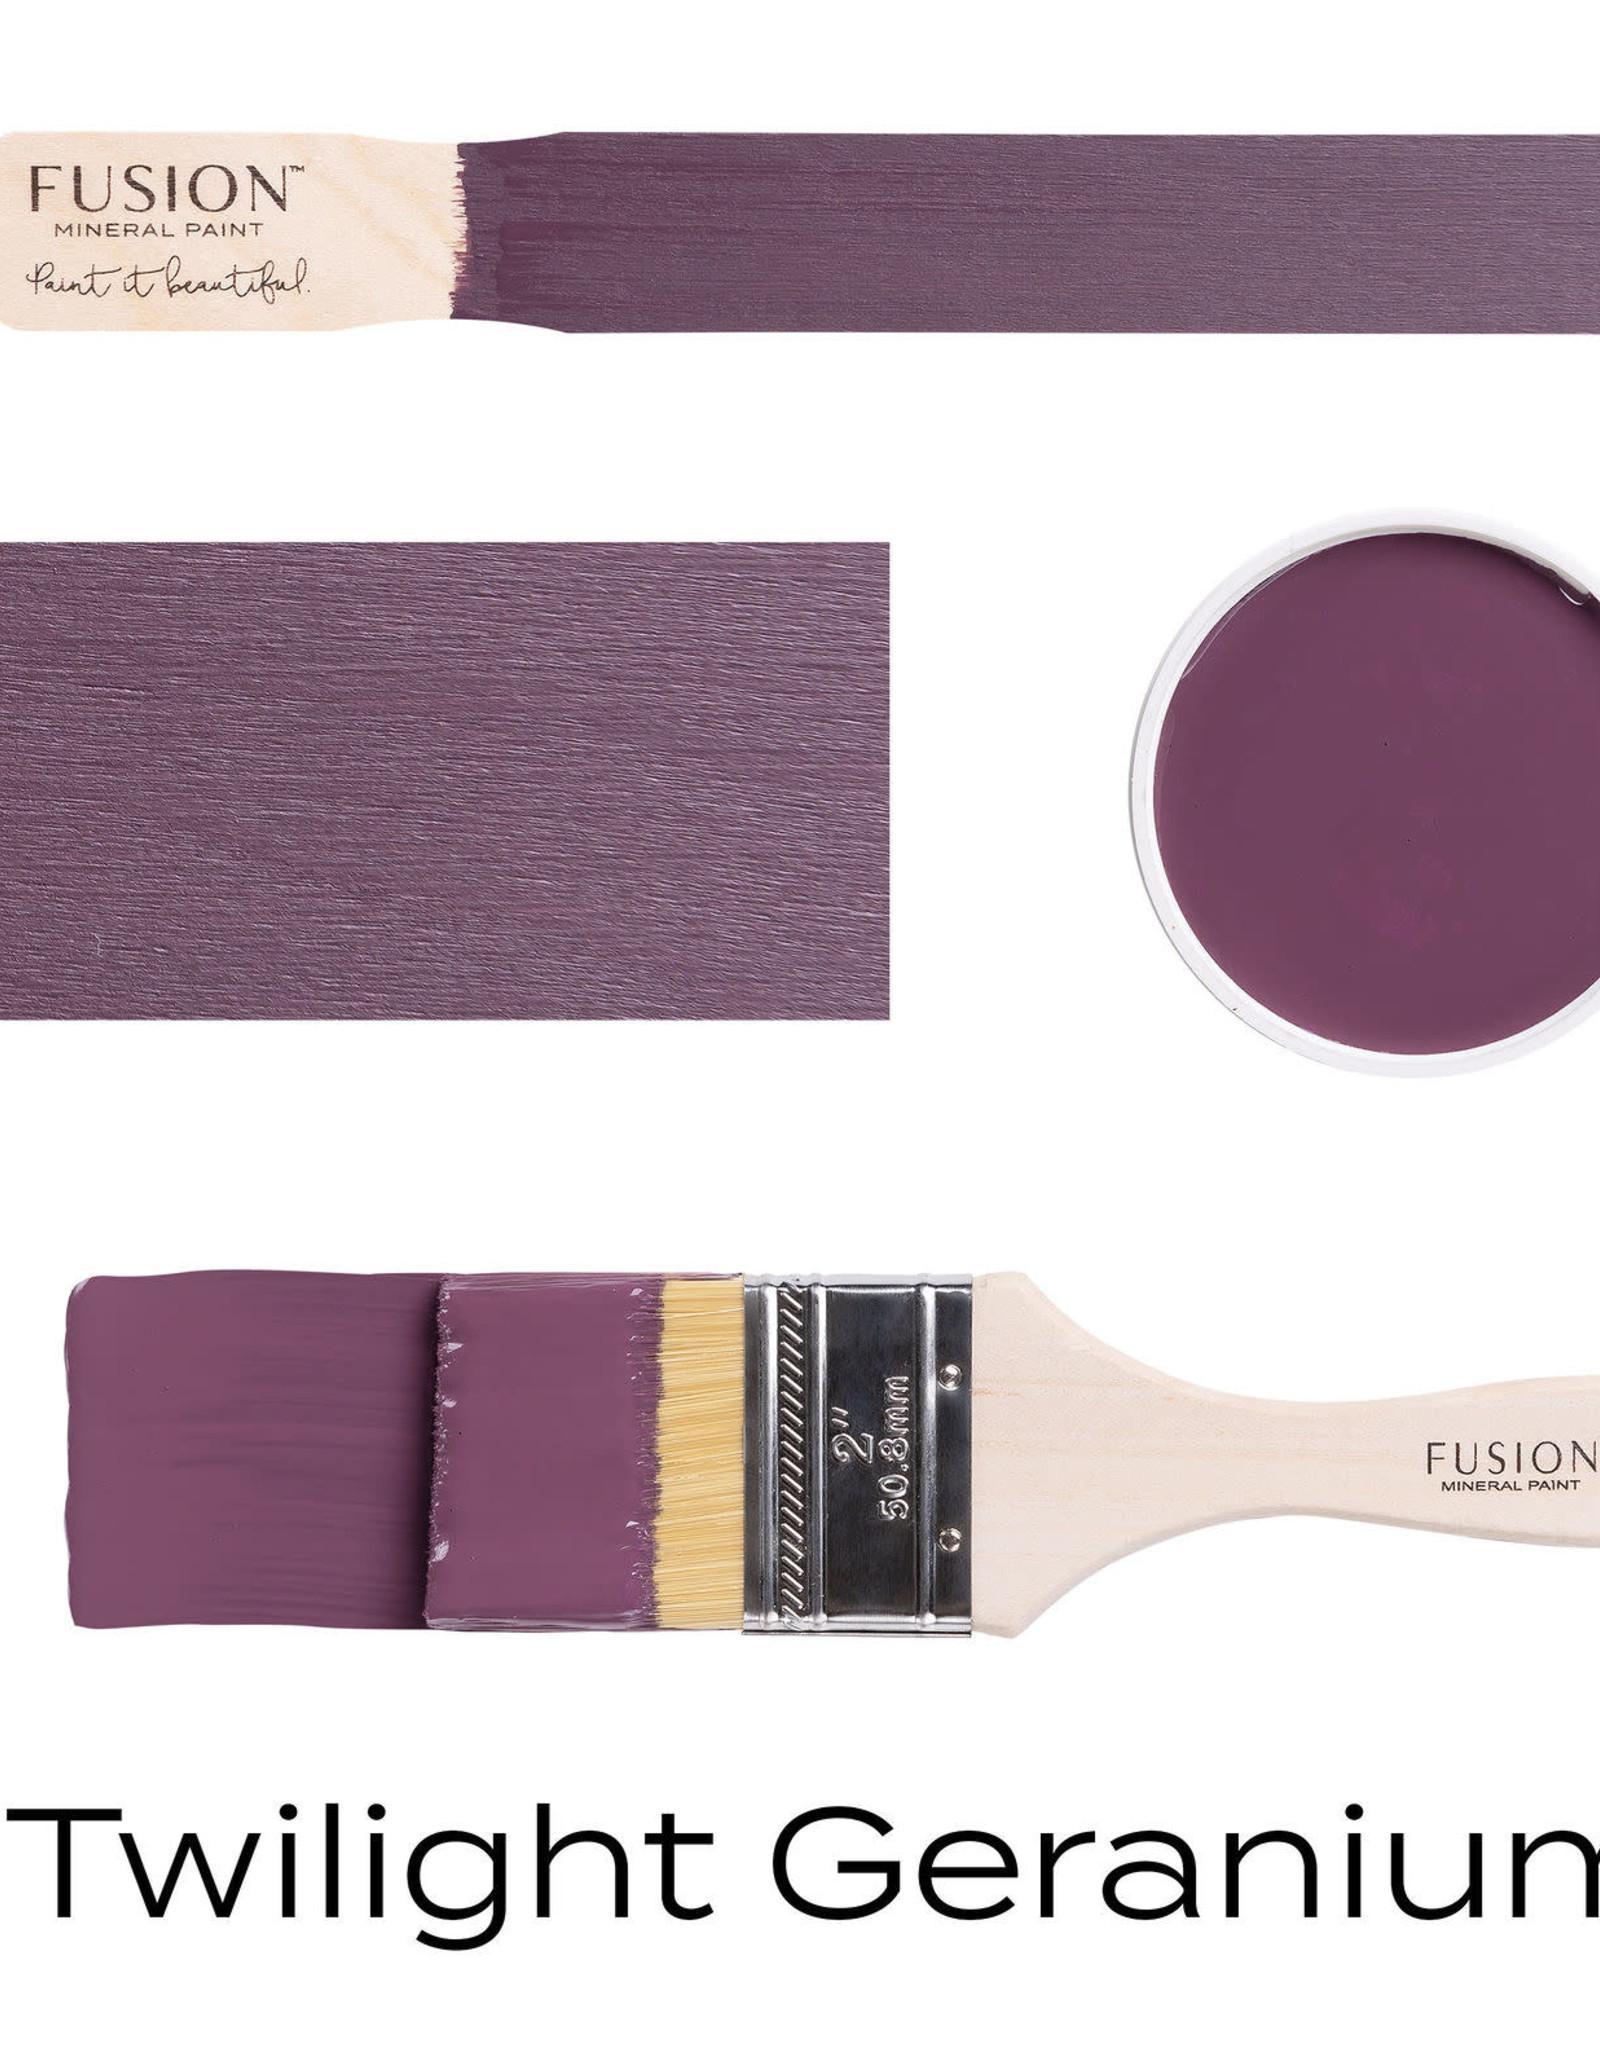 Fusion Mineral Paint Fusion Mineral Paint - Twilight Geranium 37ml